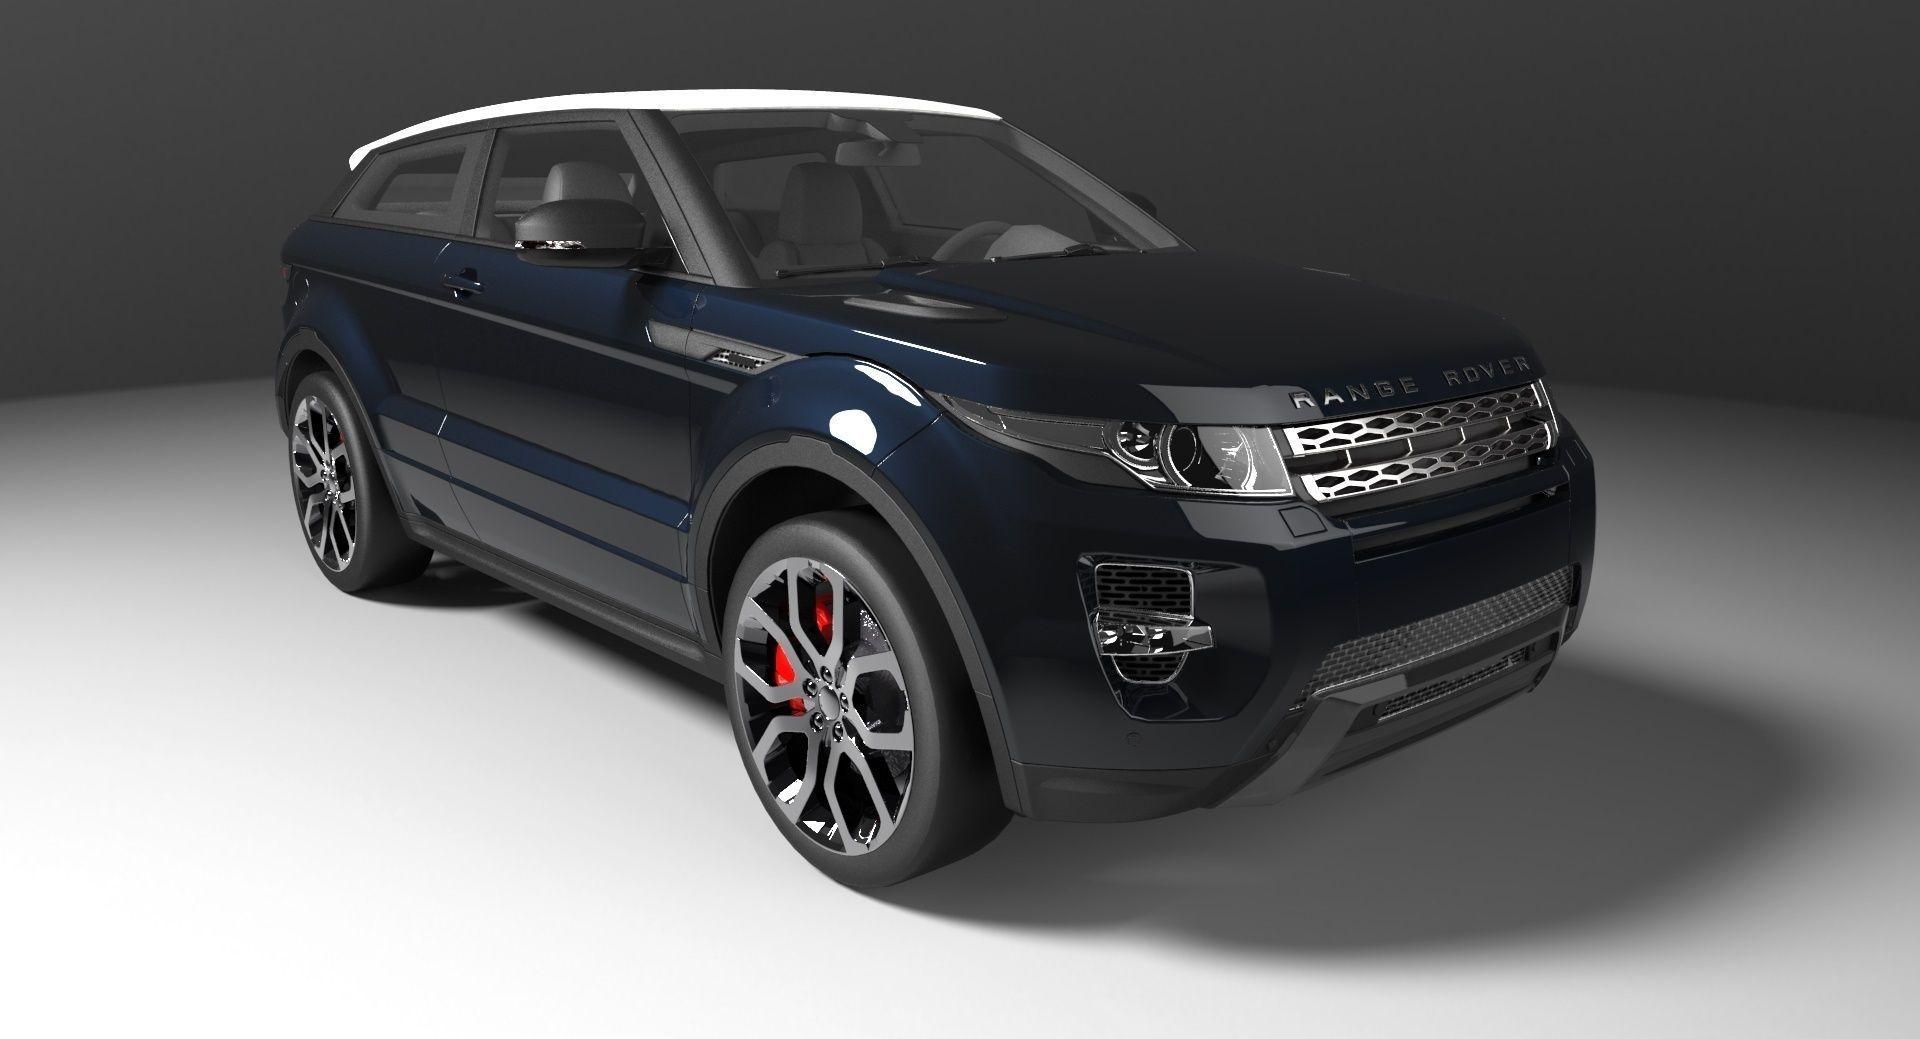 land rover evoque 3d model stl. Black Bedroom Furniture Sets. Home Design Ideas